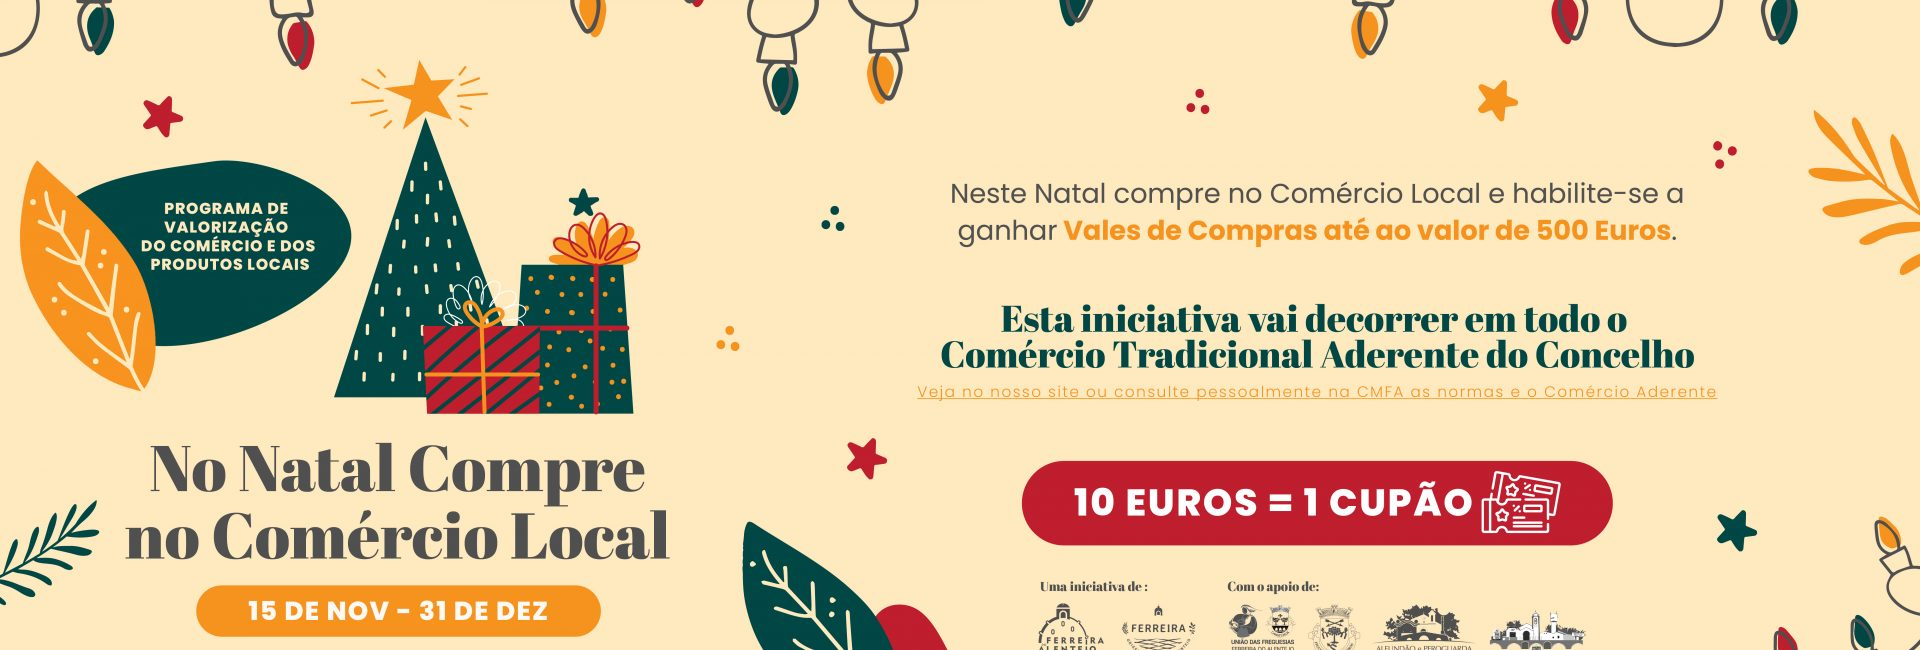 (Português) Faça compras no comércio local